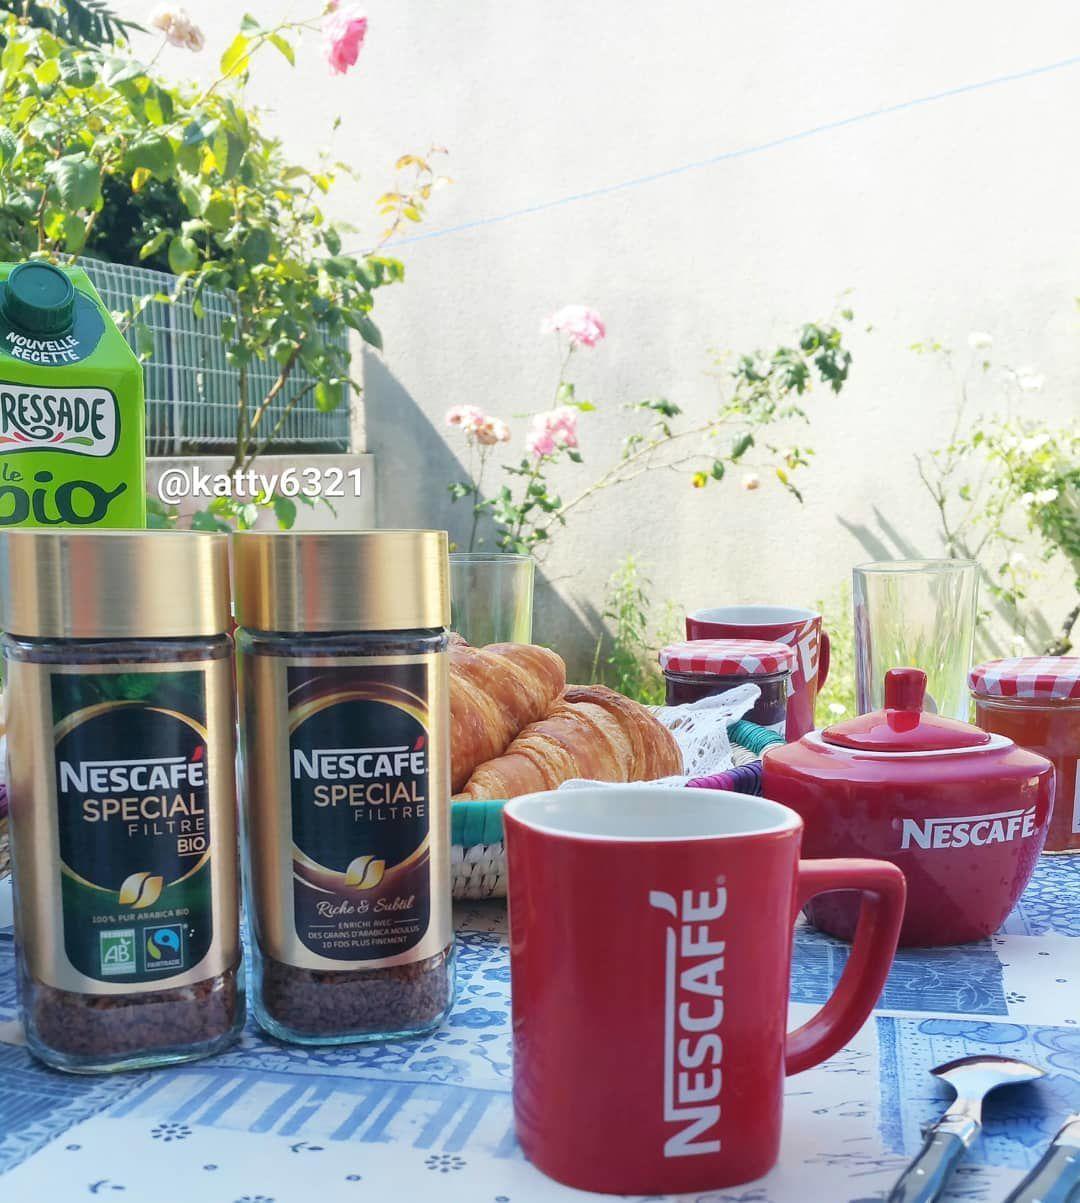 Test de Nescafé Spécial Filtre